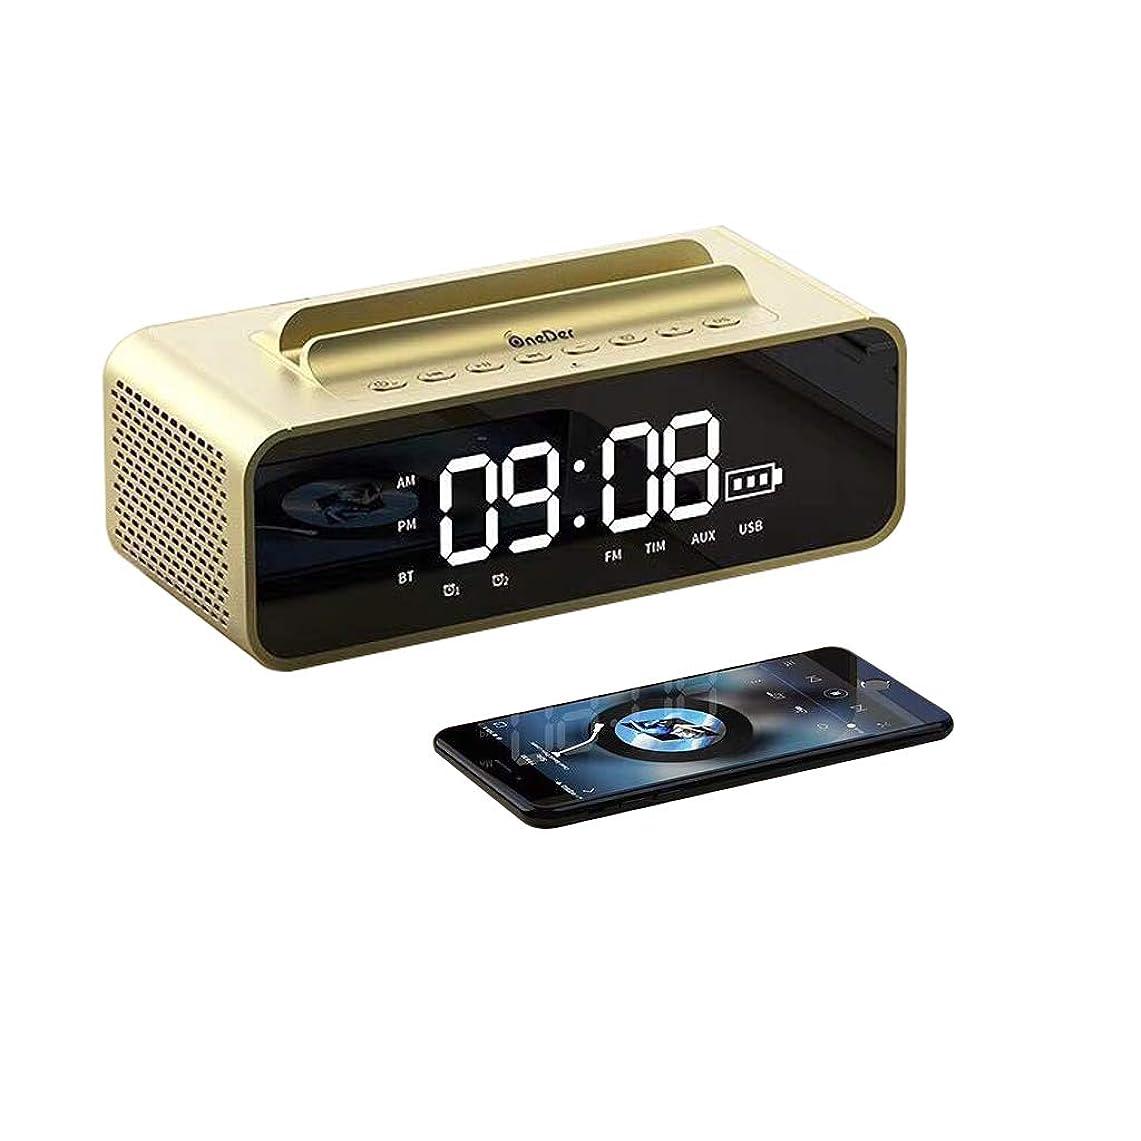 ラジコンLcdデスククロックデジタル目覚まし時計、スヌーズ機能、ハンズフリー通話のサポート、携帯電話ホルダー、スピーカー